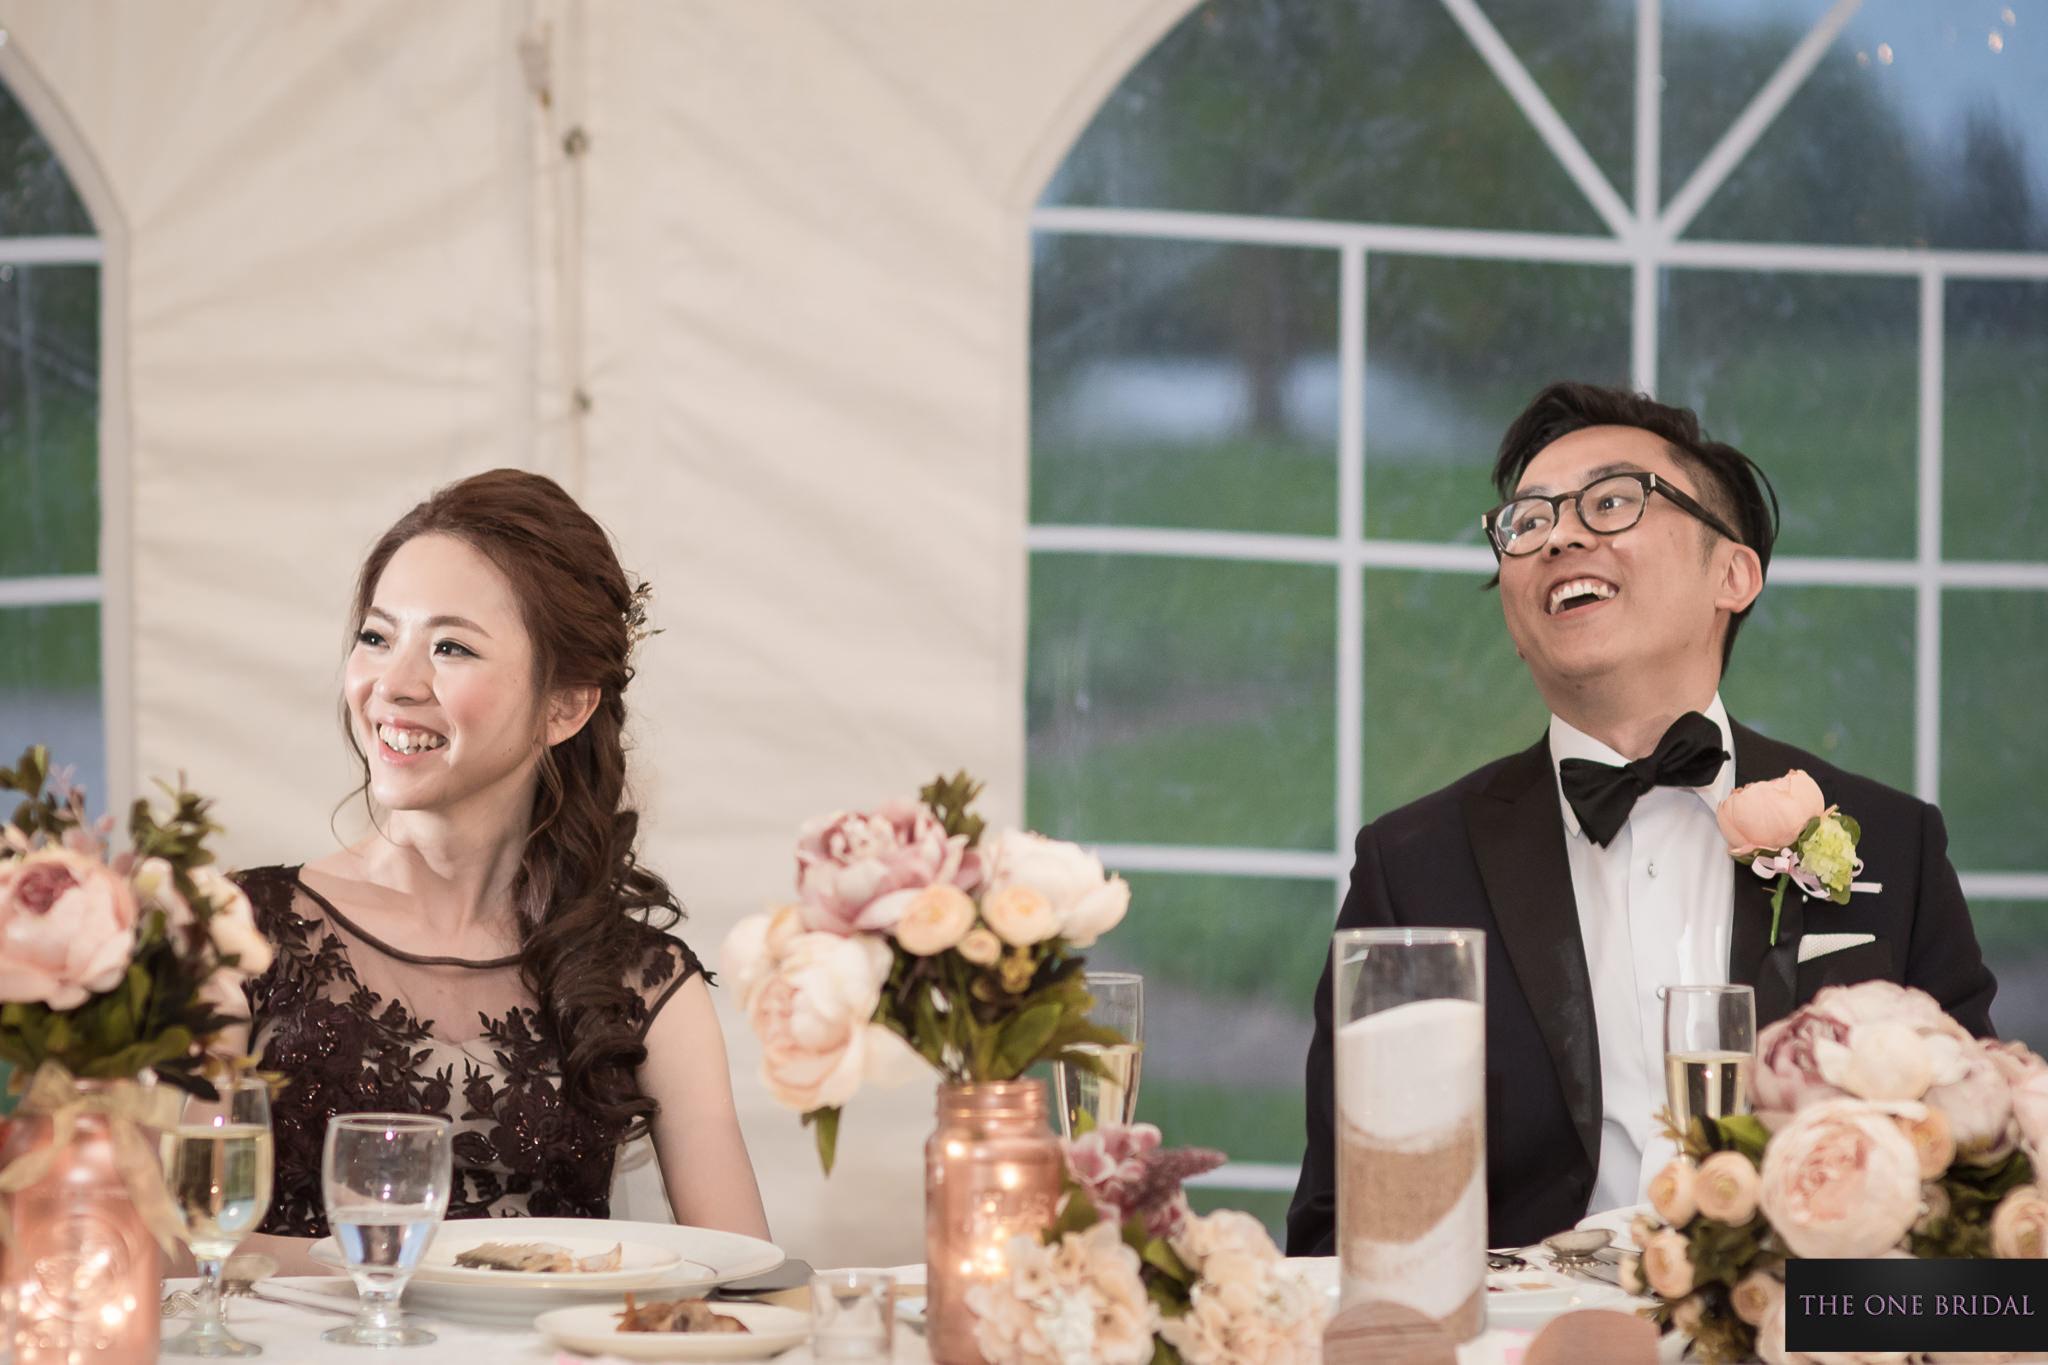 mandarin-golf-club-wedding-markham-the-one-bridal-129